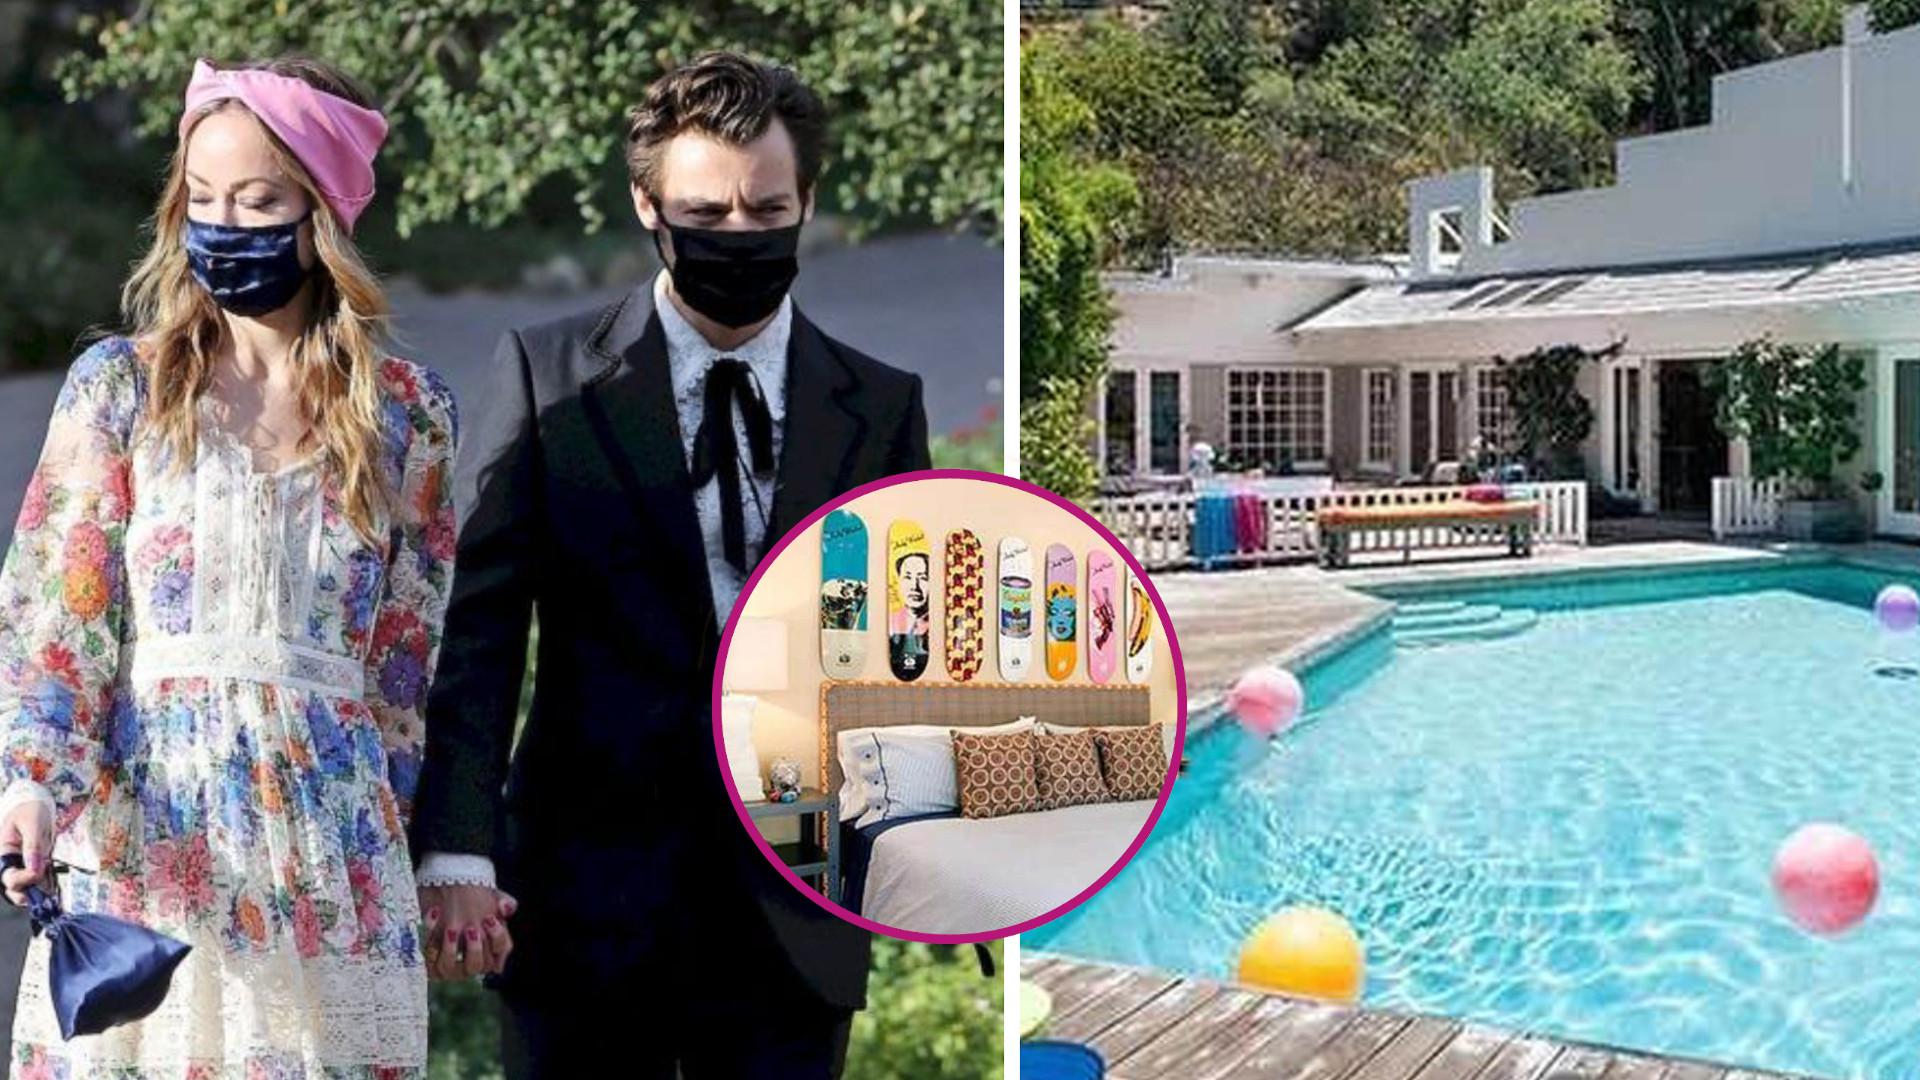 Harry Styles i Olivia Wilde zamieszkali RAZEM? Tak wygląda ich dom